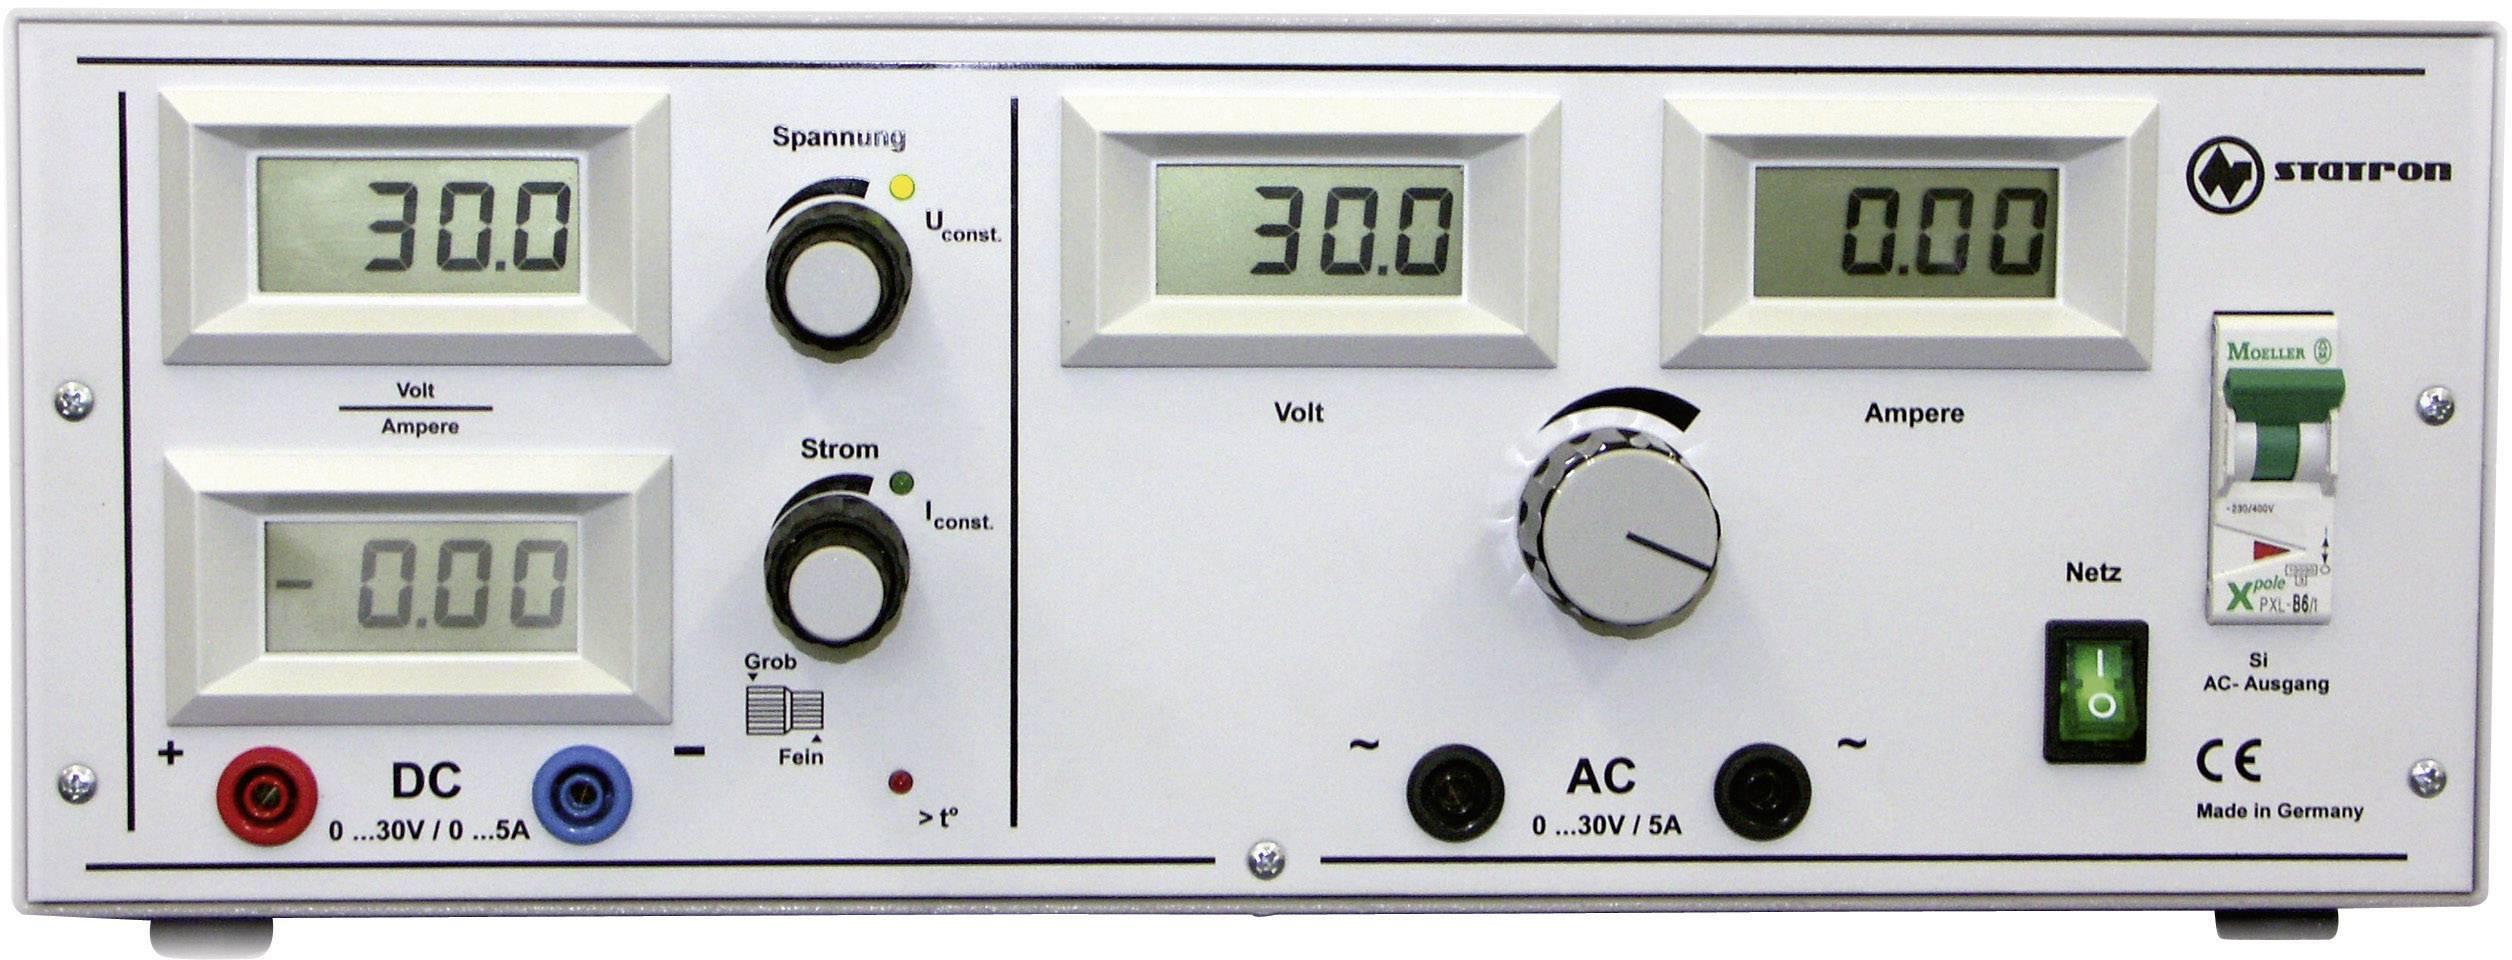 Univerzální laboratorní zdroj Statron 5340.92, 0 - 30 V, 0- 5 A